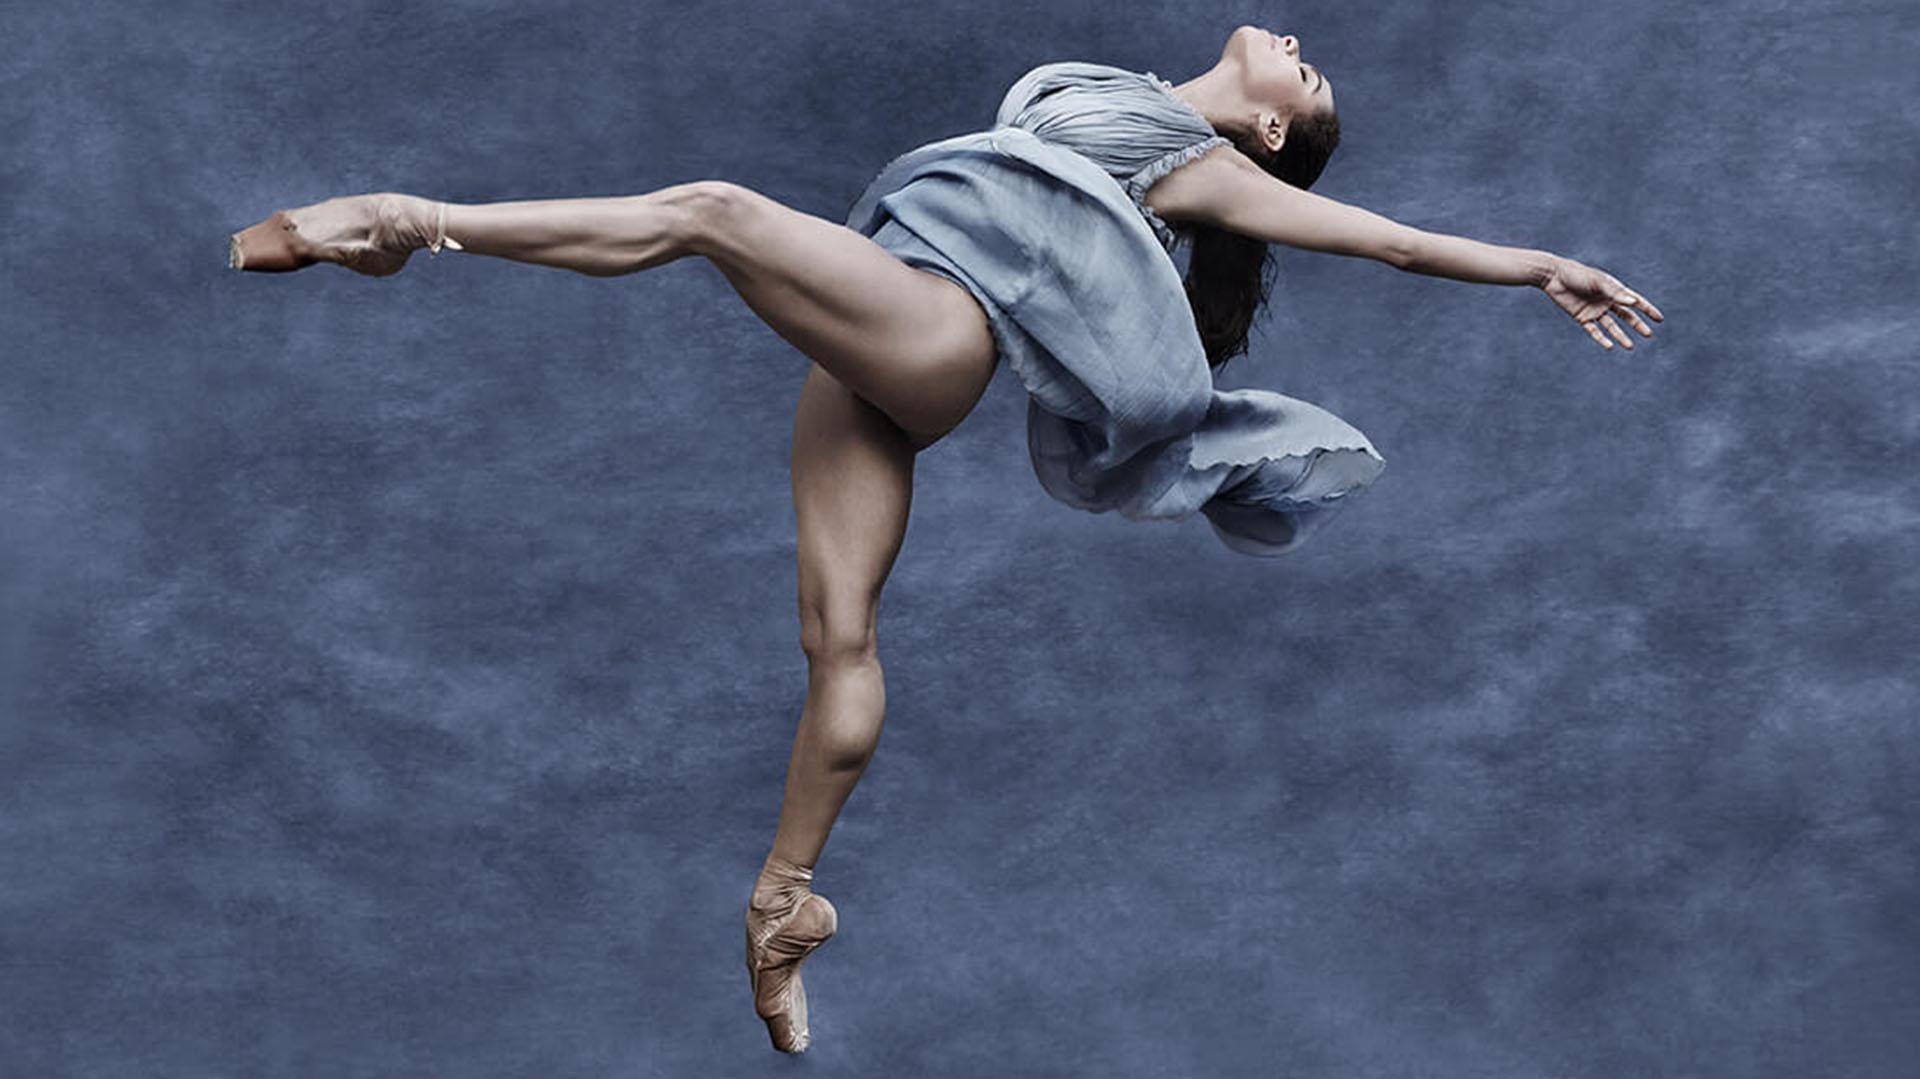 Misty Copeland demuestra su gran talento en el ballet ante los ojos de Albert Watson